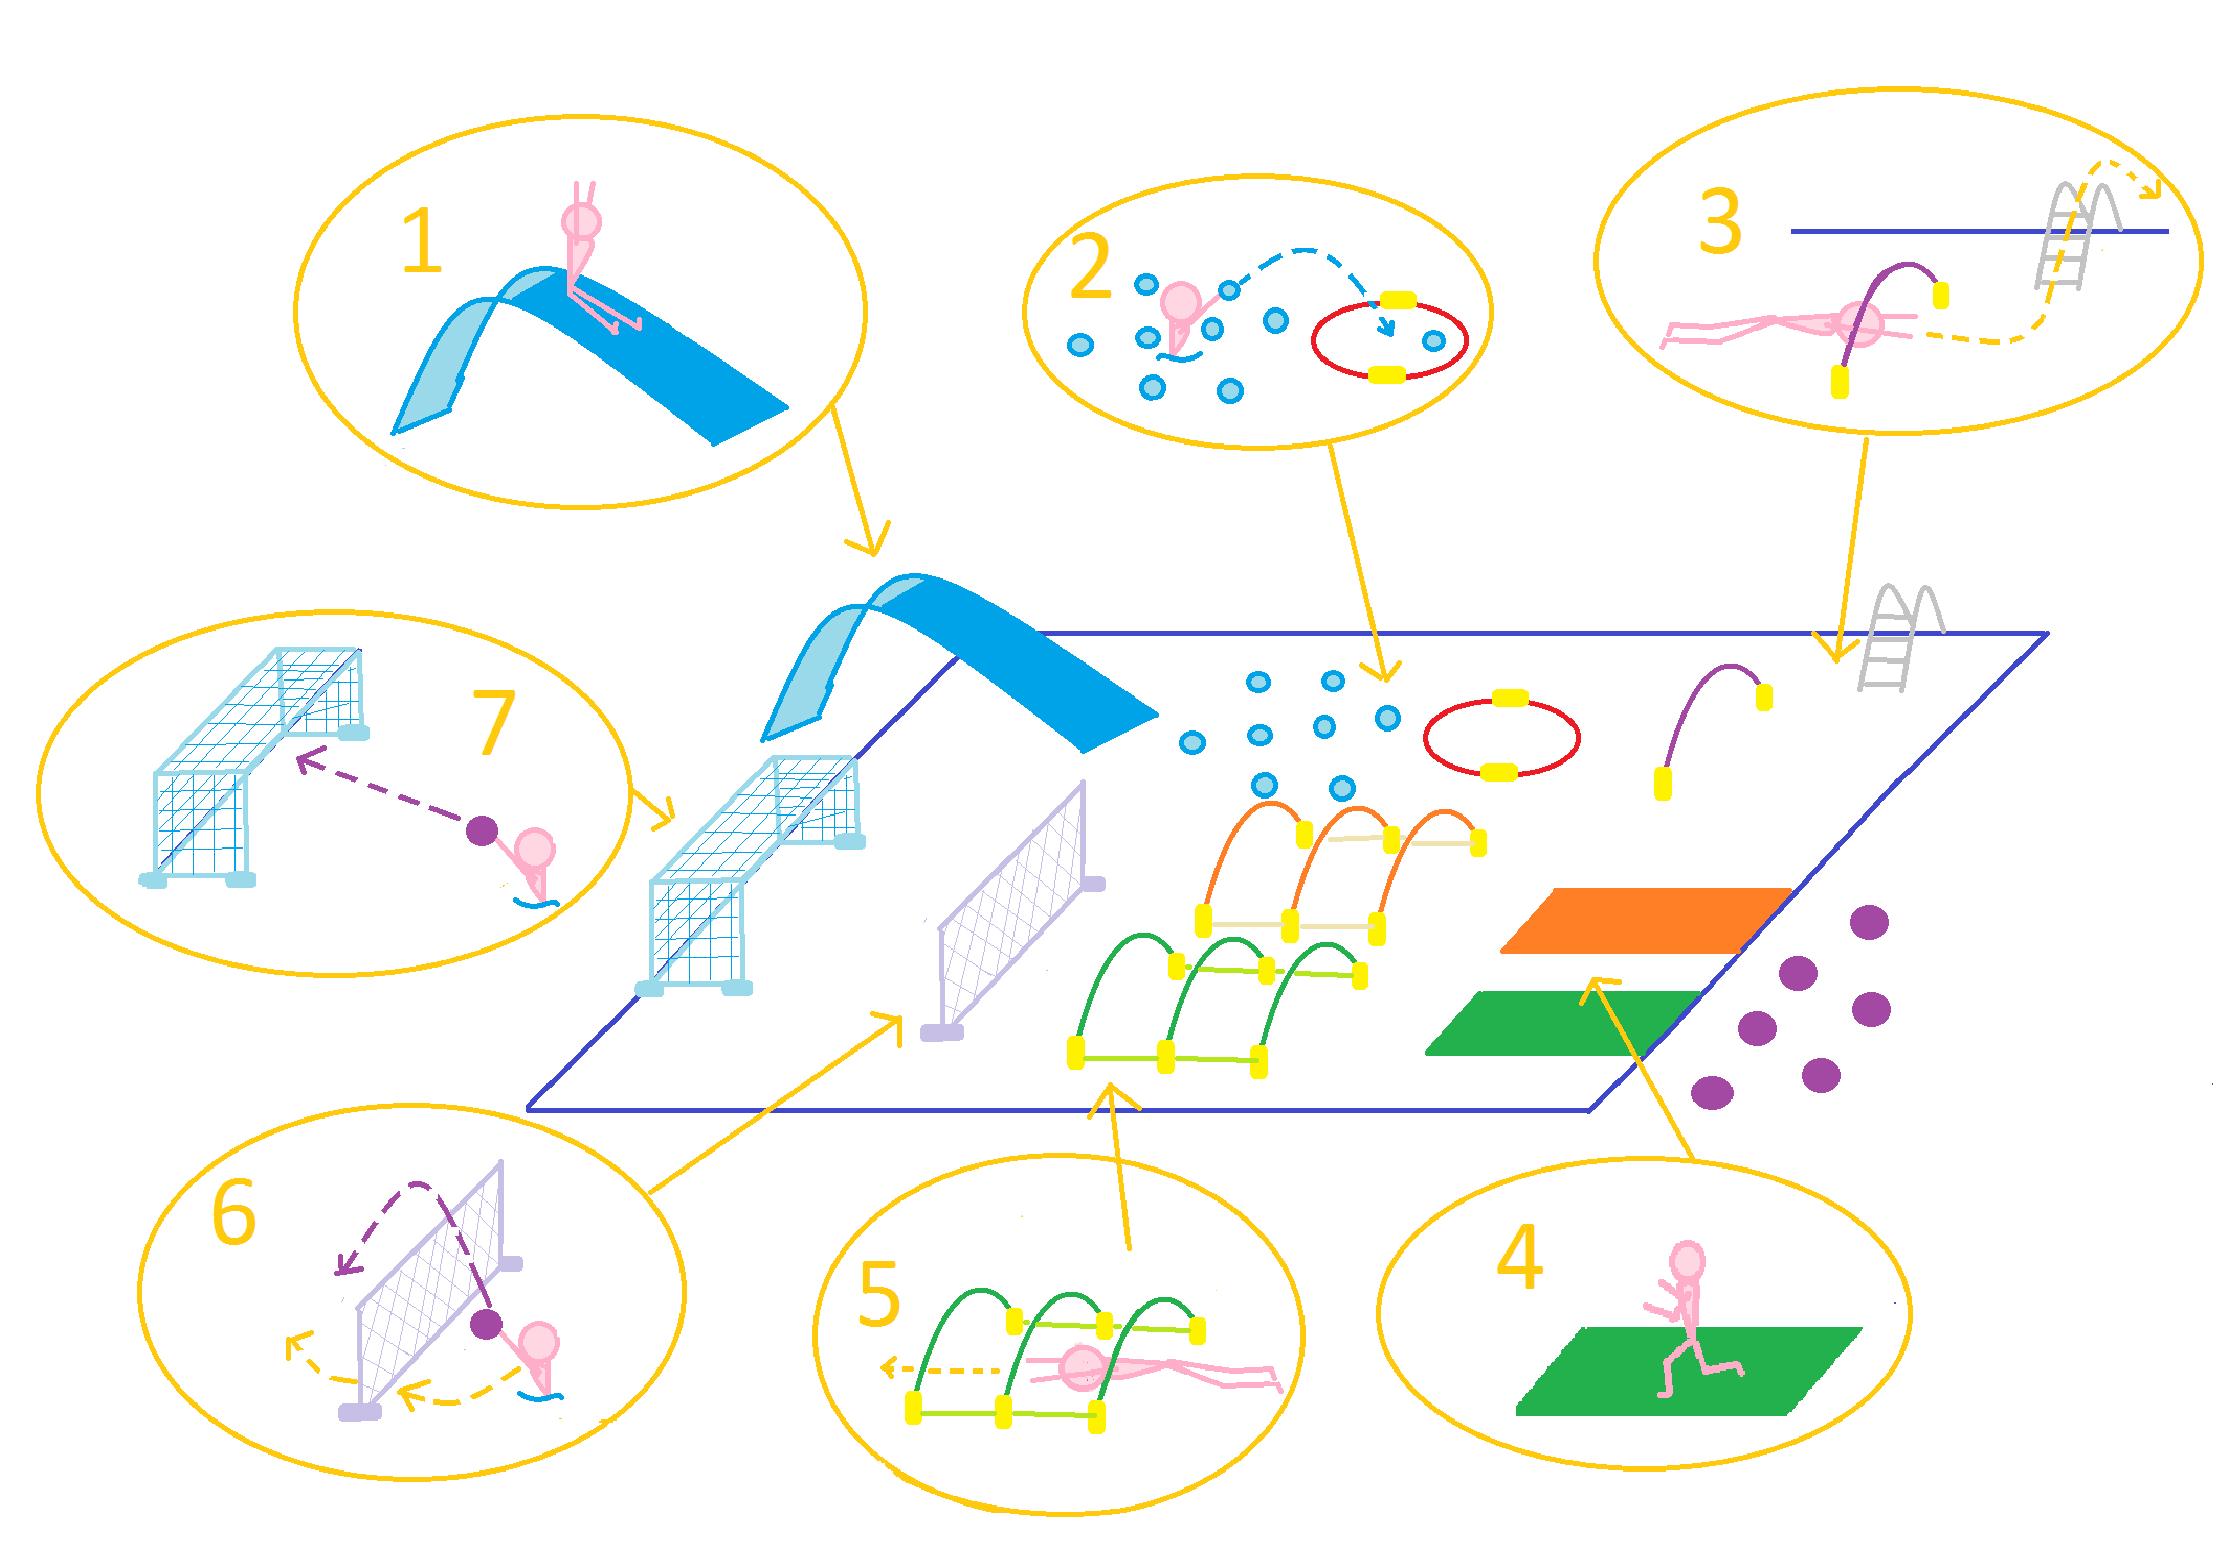 Circuito Juegos Para Niños : Circuito juegos familiarización